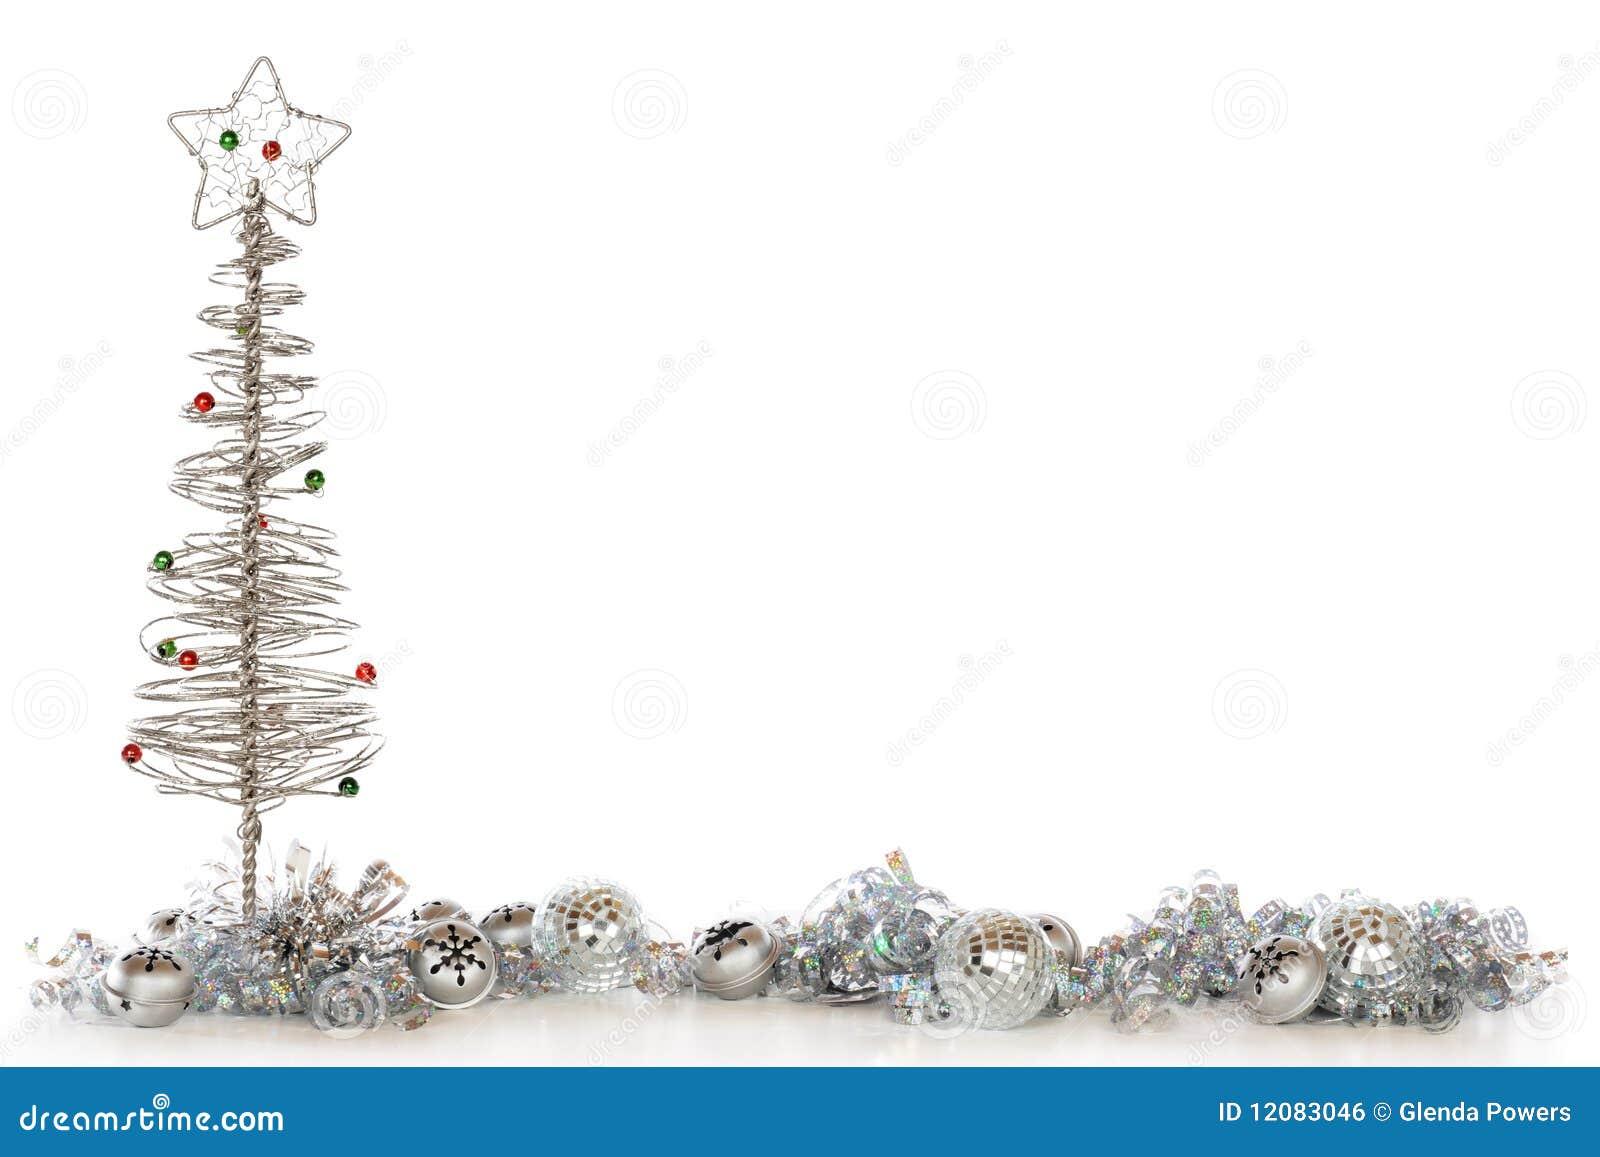 Frontera plateada de la navidad imagen de archivo libre de - Arboles de navidad dorados ...